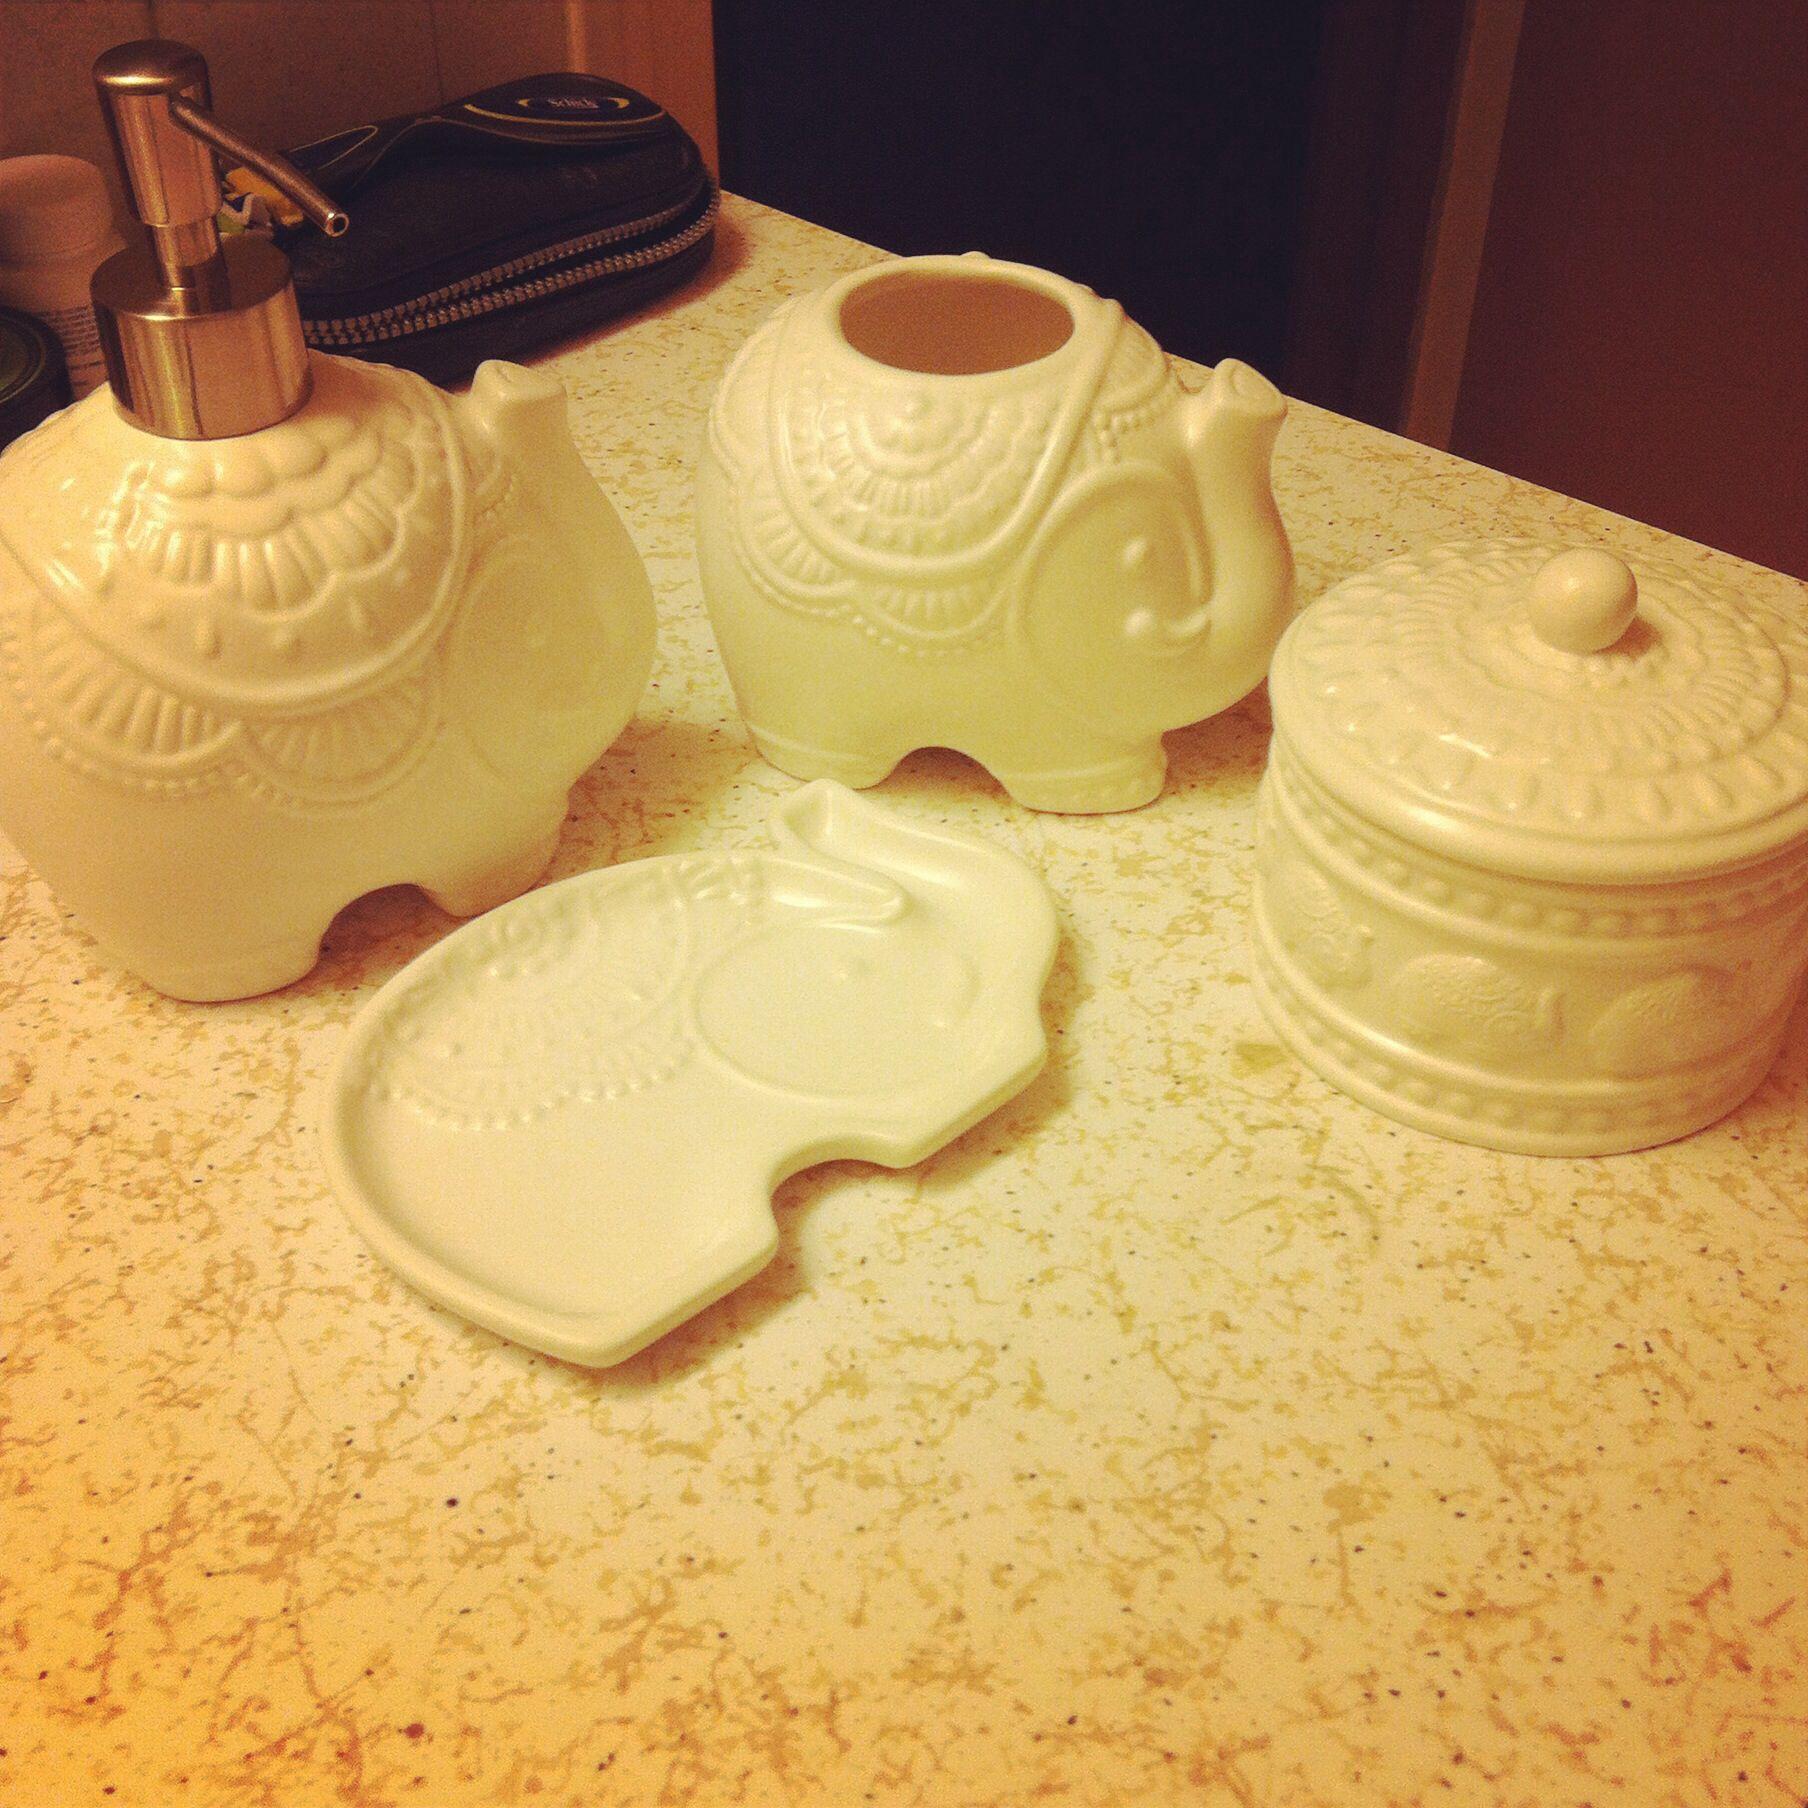 Cynthia Rowley Bathroom Accessories Elephant Bathroom Decor Bathroom Decor Owl Bathroom Decor